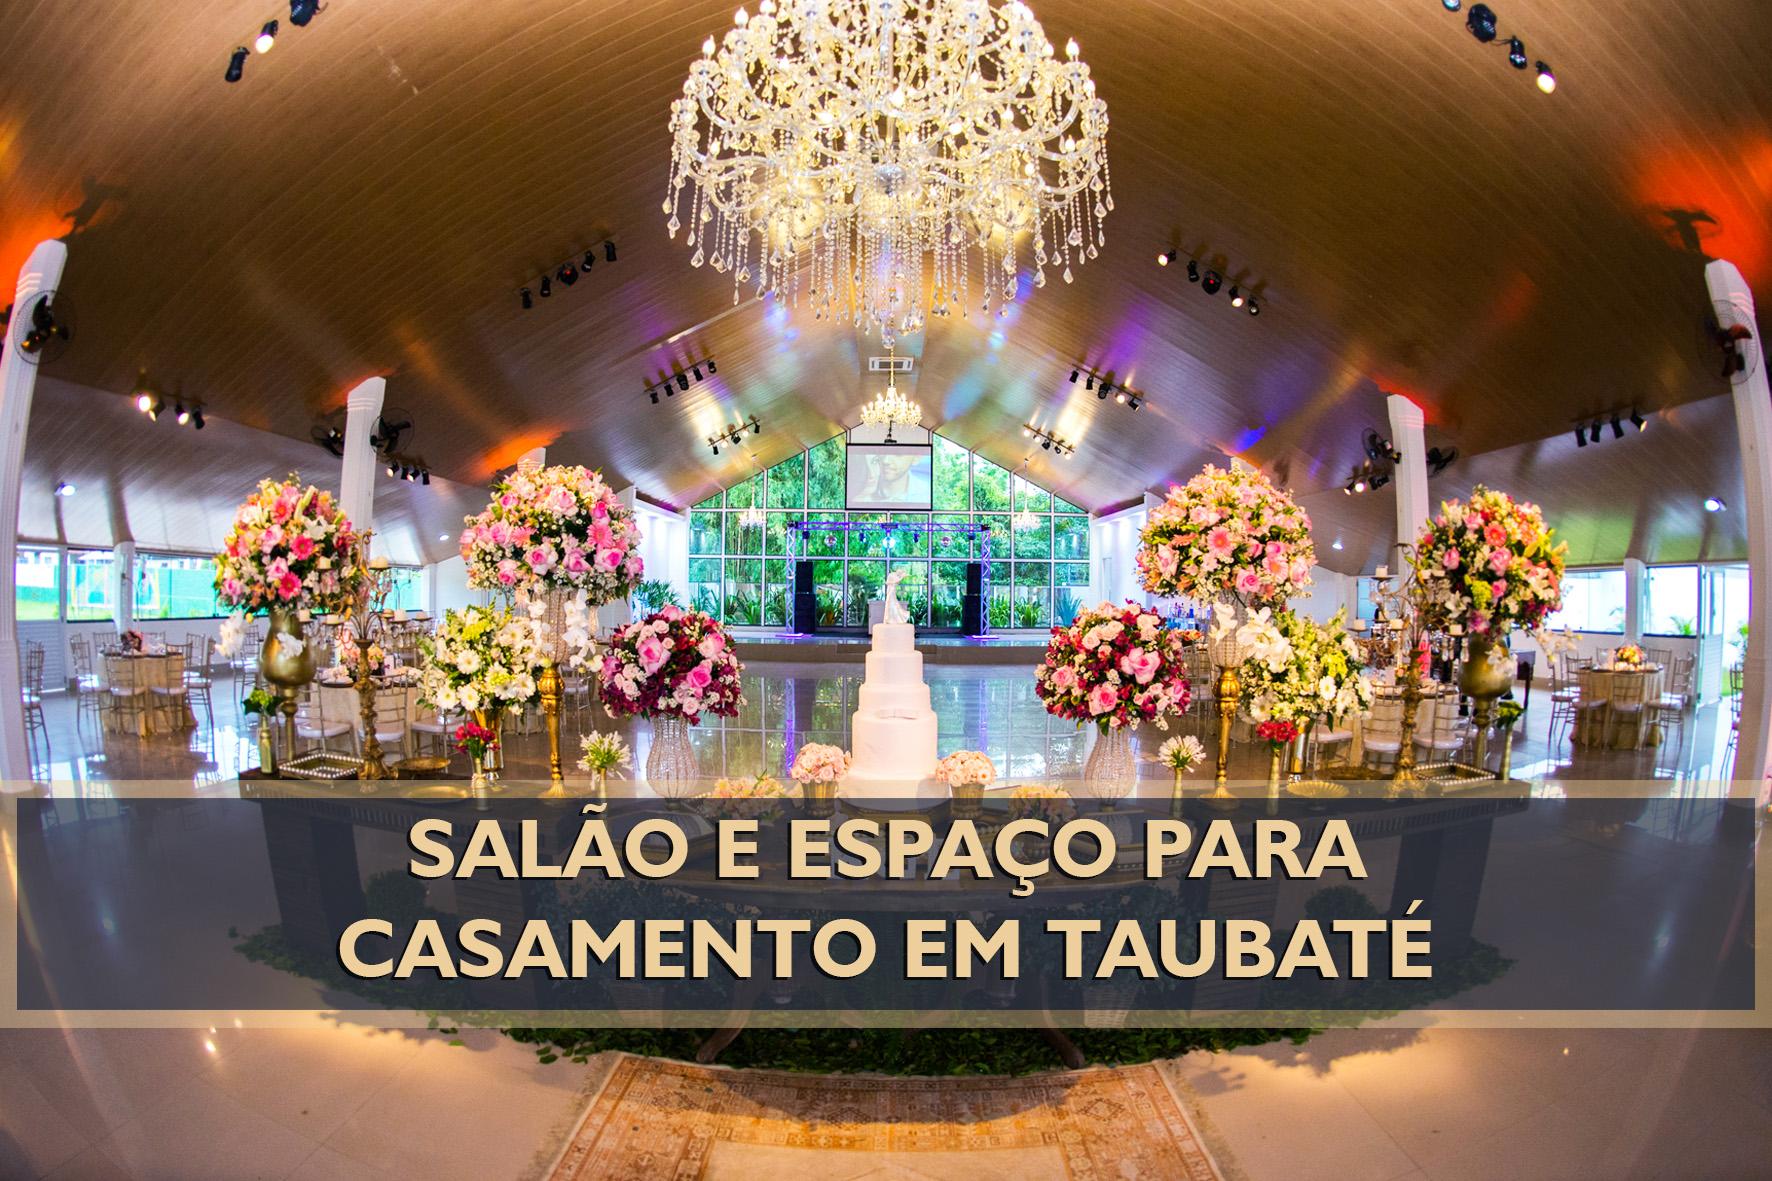 Imagem capa - SALÃO E ESPAÇO PARA CASAR EM TAUBATÉ por Eder Rodrigues